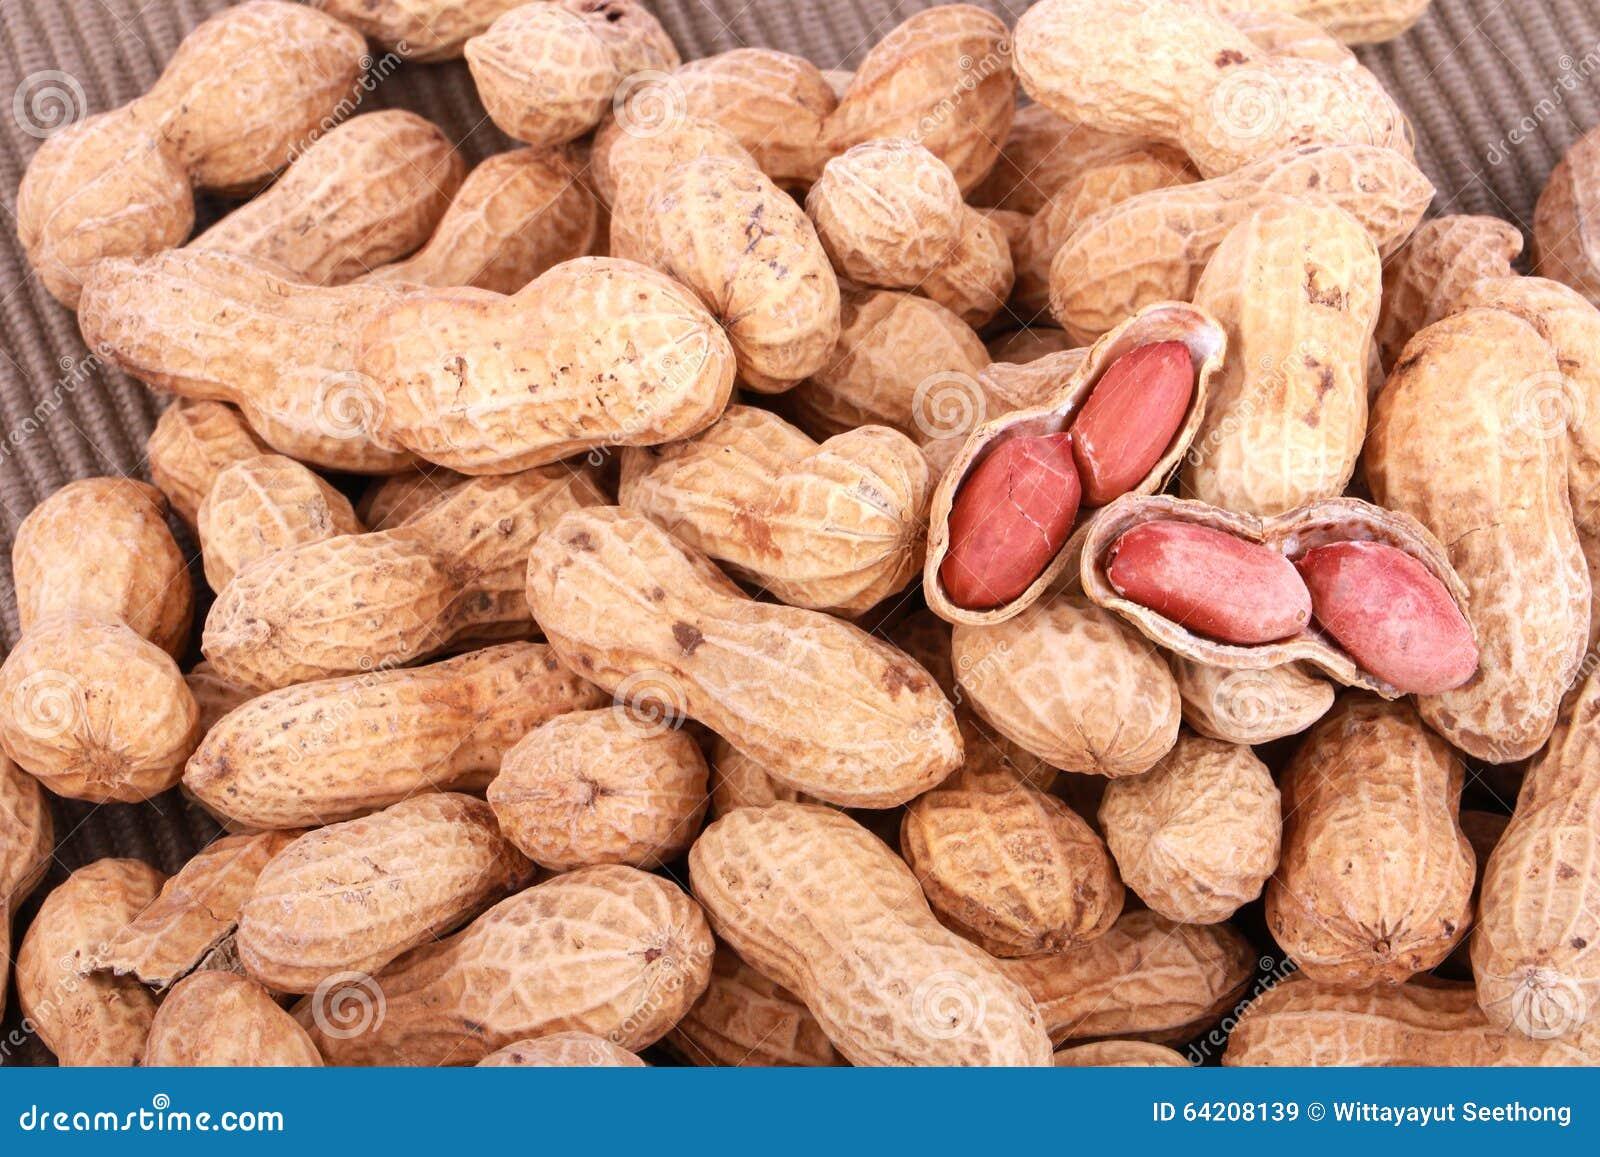 Nueces de mono, cacahuetes o cacahuetes en las cáscaras, aisladas en un fondo blanco